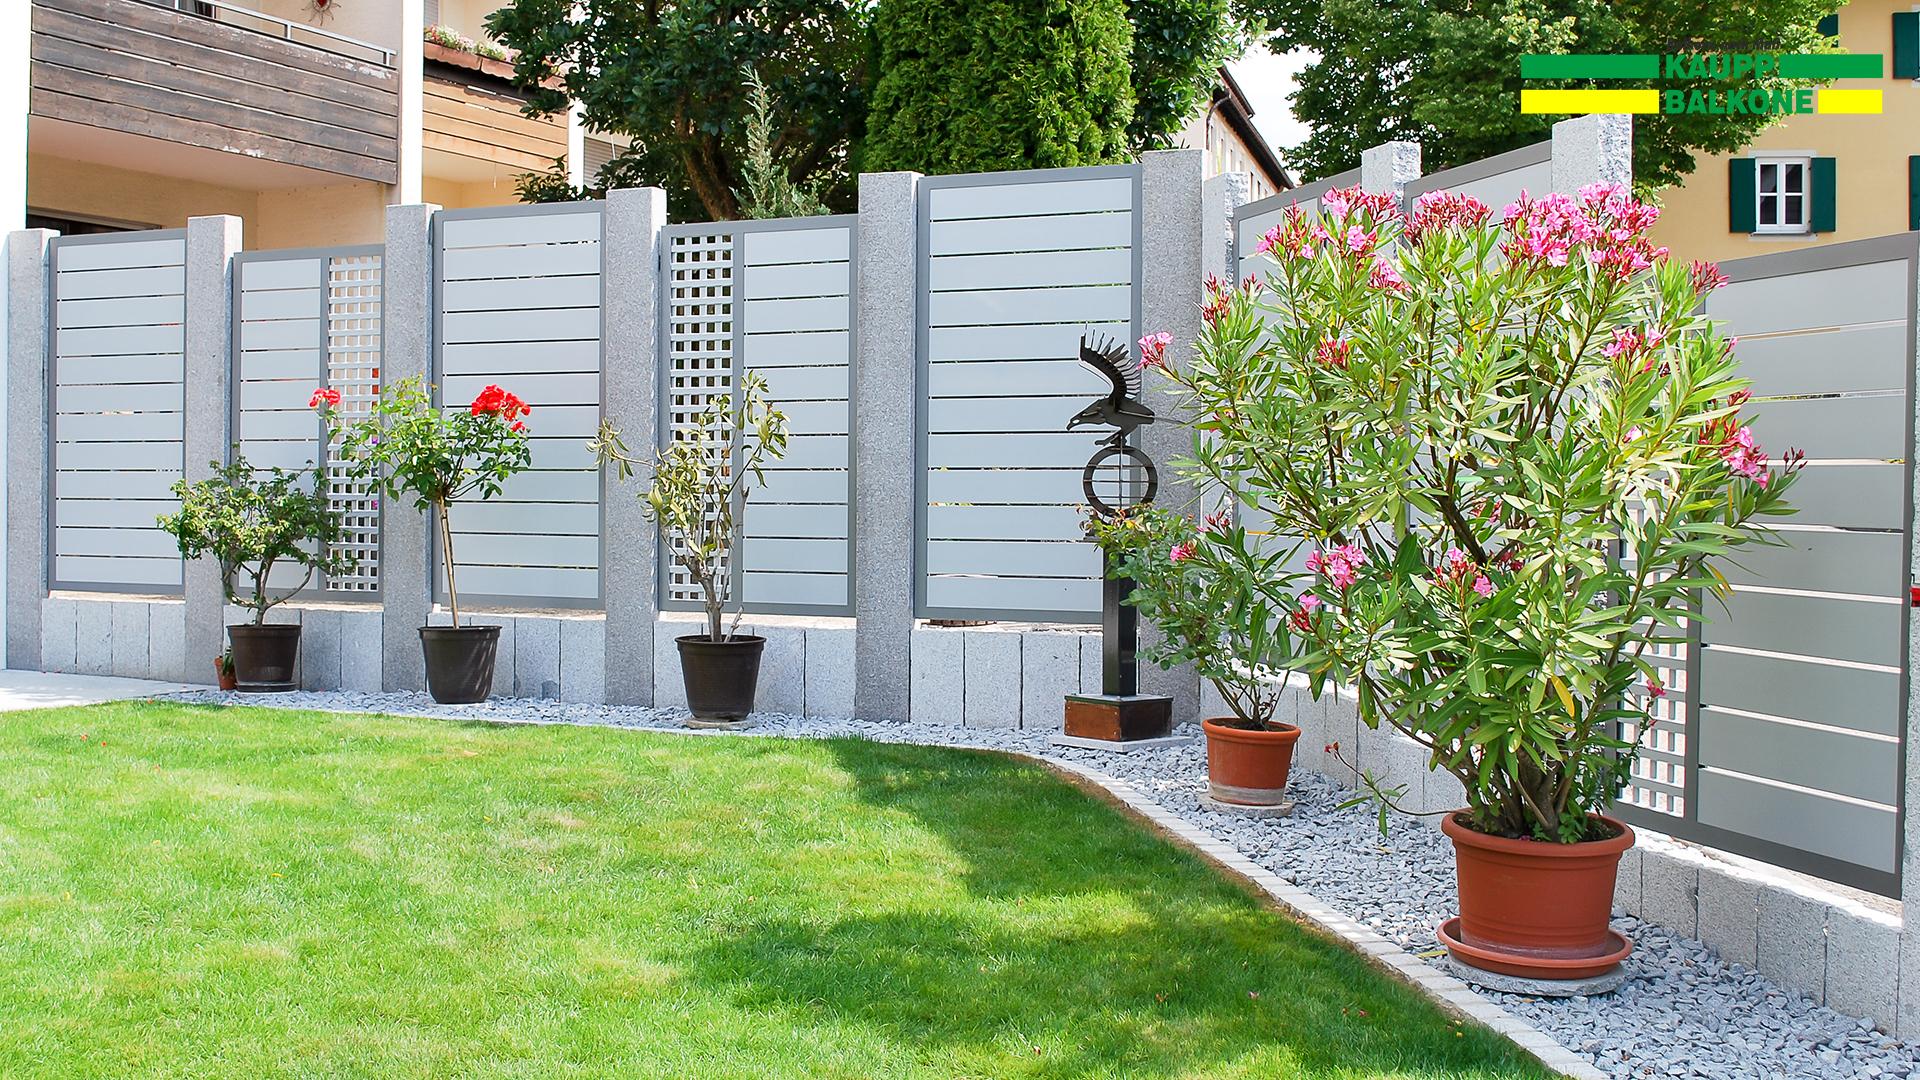 alu sichtschutz dornstadt kaupp balkone sterreich. Black Bedroom Furniture Sets. Home Design Ideas